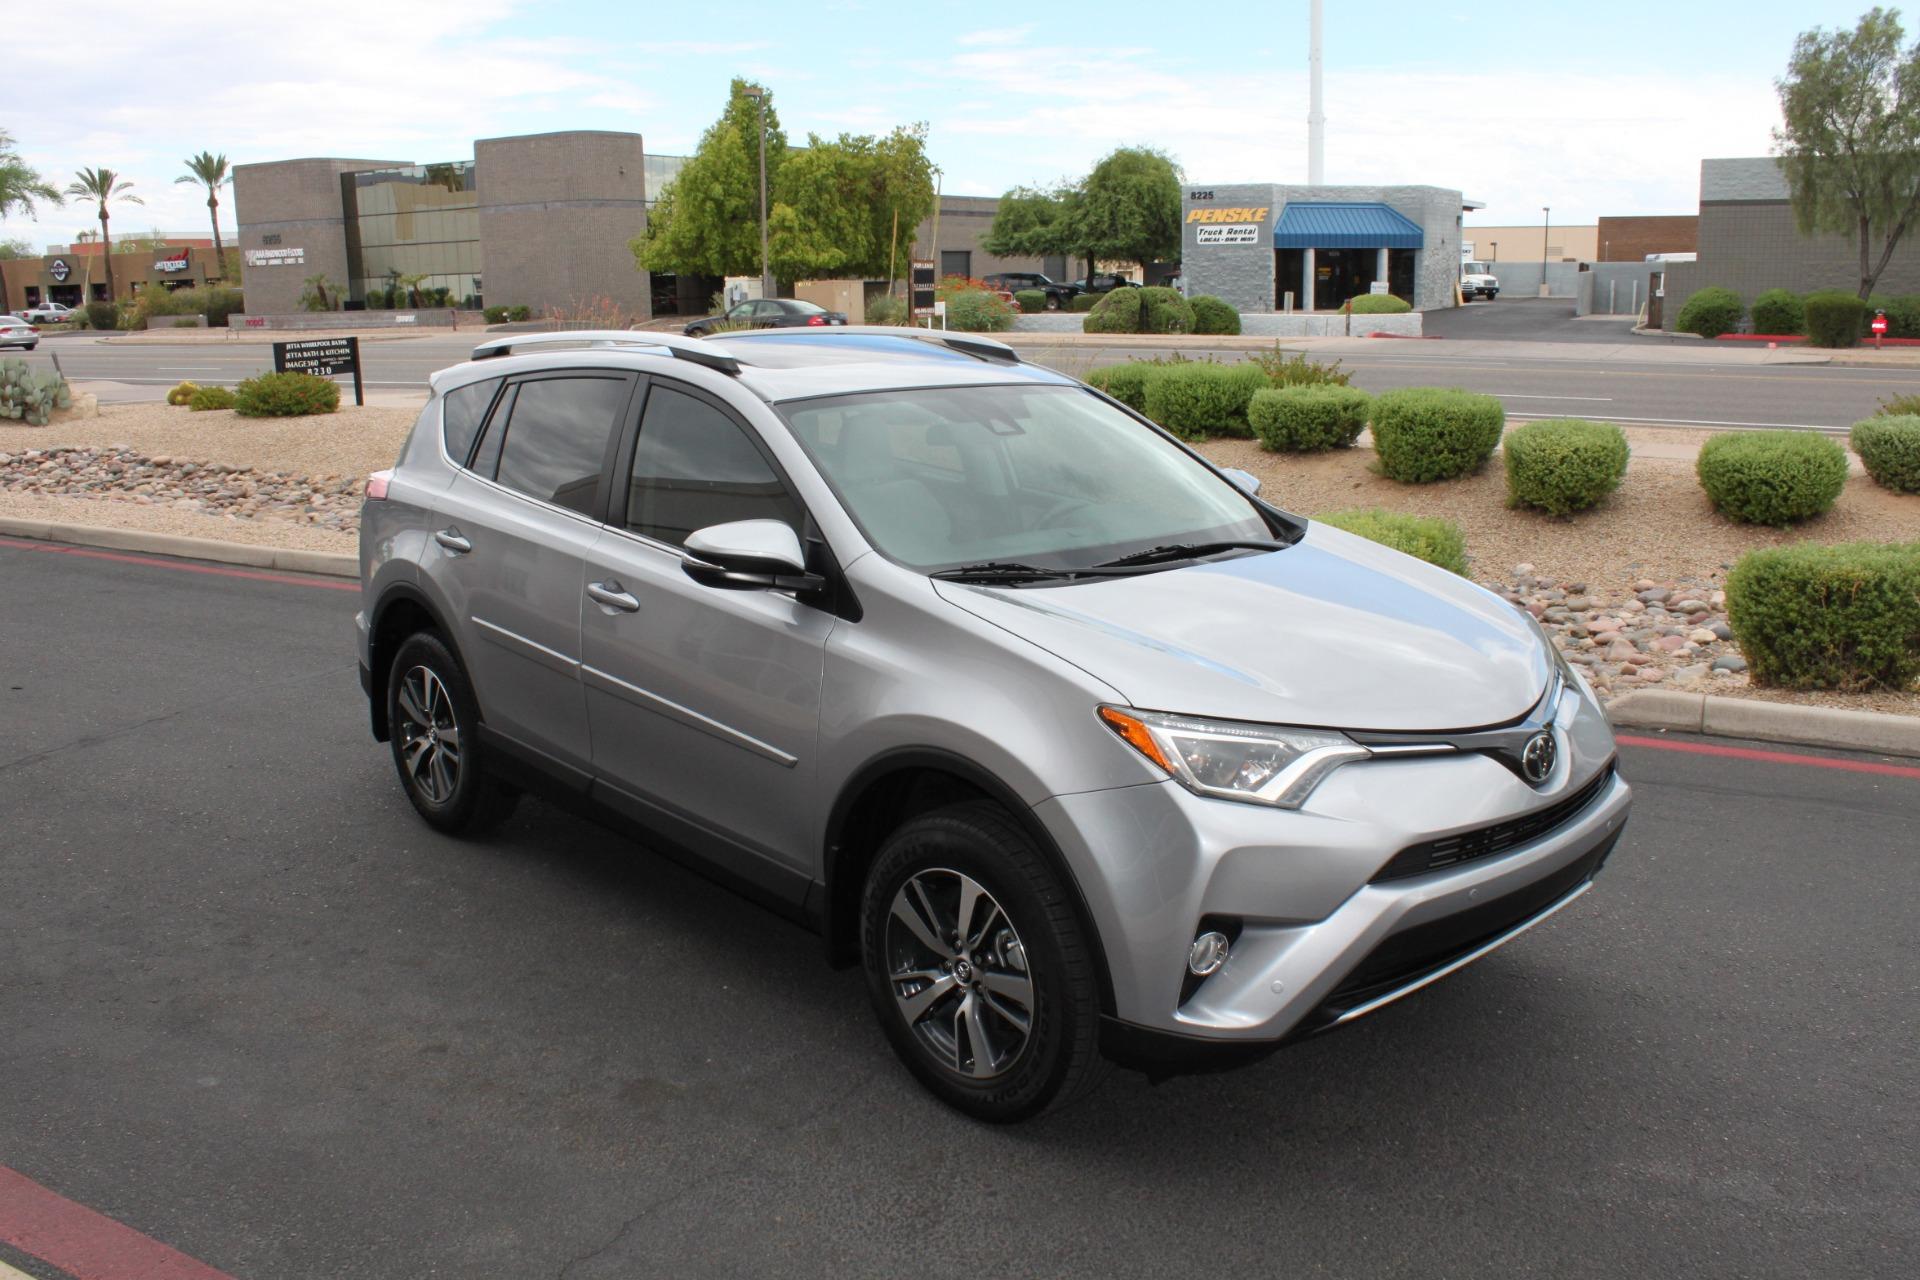 Used-2016-Toyota-RAV4-XLE-Chevrolet